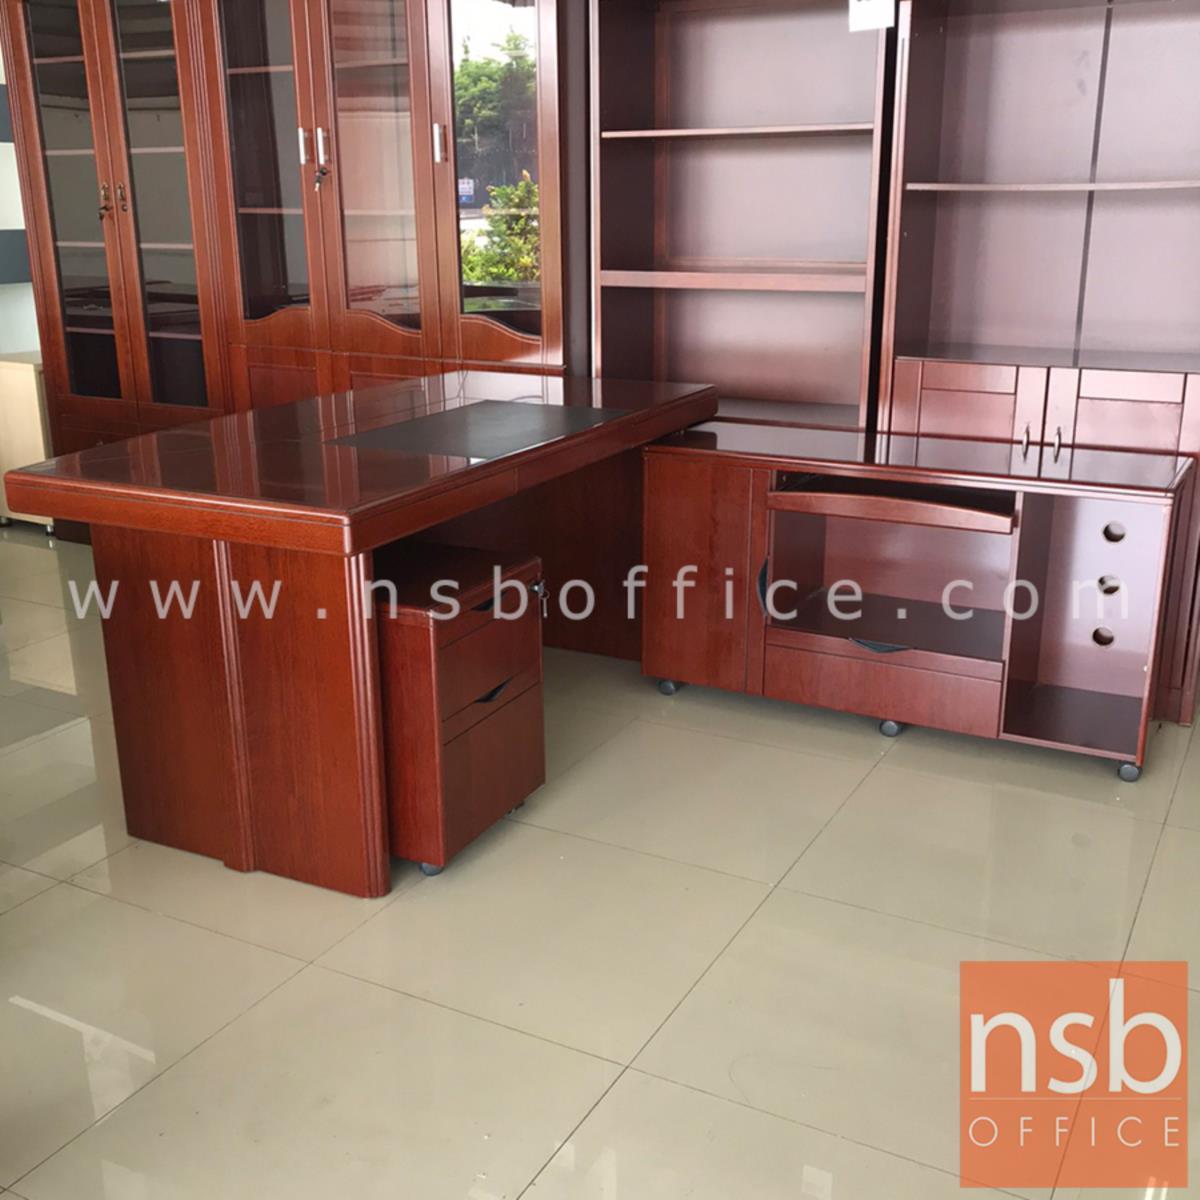 โต๊ะผู้บริหารตัวแอล  รุ่น Judith (จูดิธ ) ขนาด 160W cm. พร้อมโต๊ะข้างและตู้